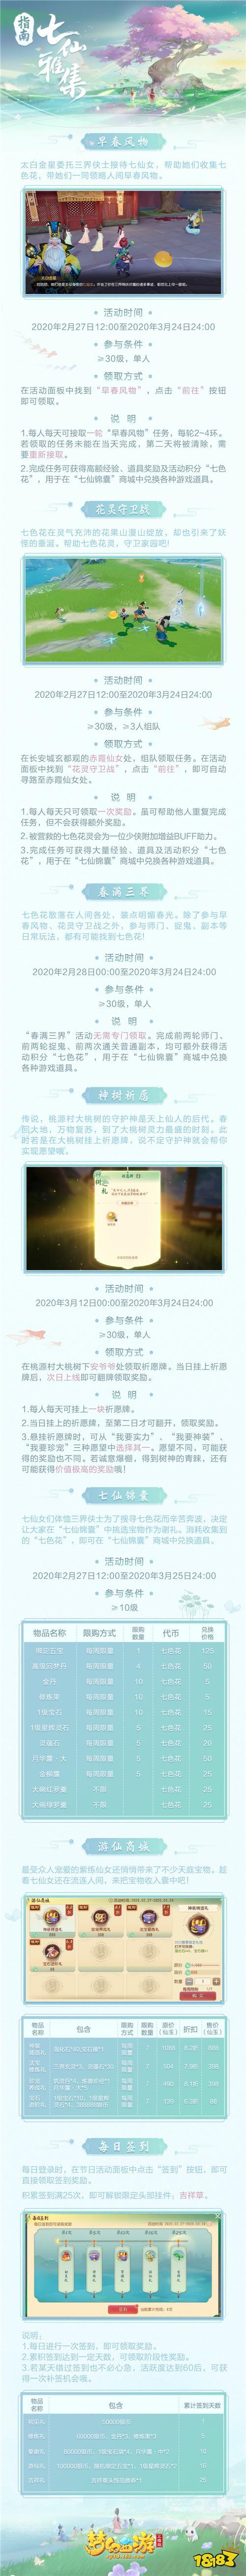 《梦幻西游三维版》七仙雅集活动指南!许愿得神装